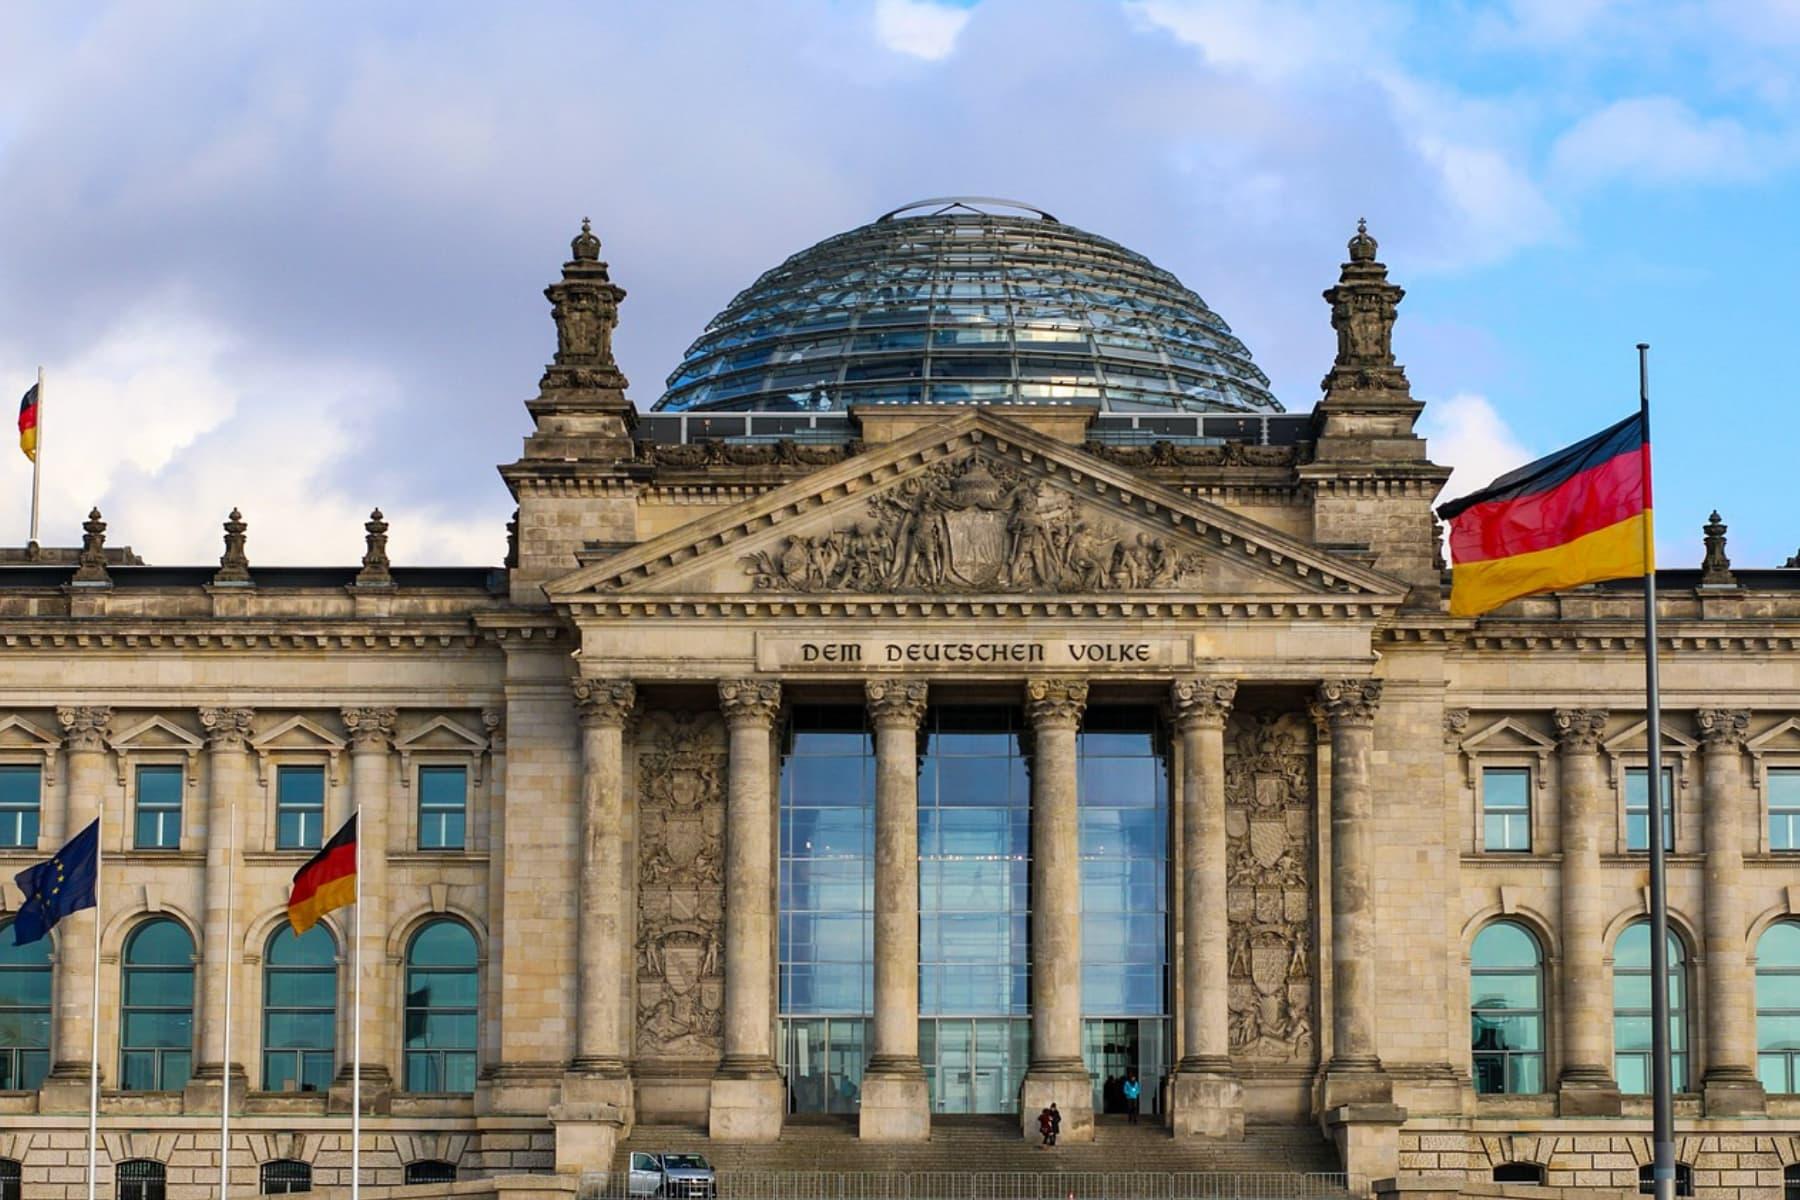 Demokratie-Umfrage: Die Hälfte der Deutschen sieht die Demokratie in Gefahr